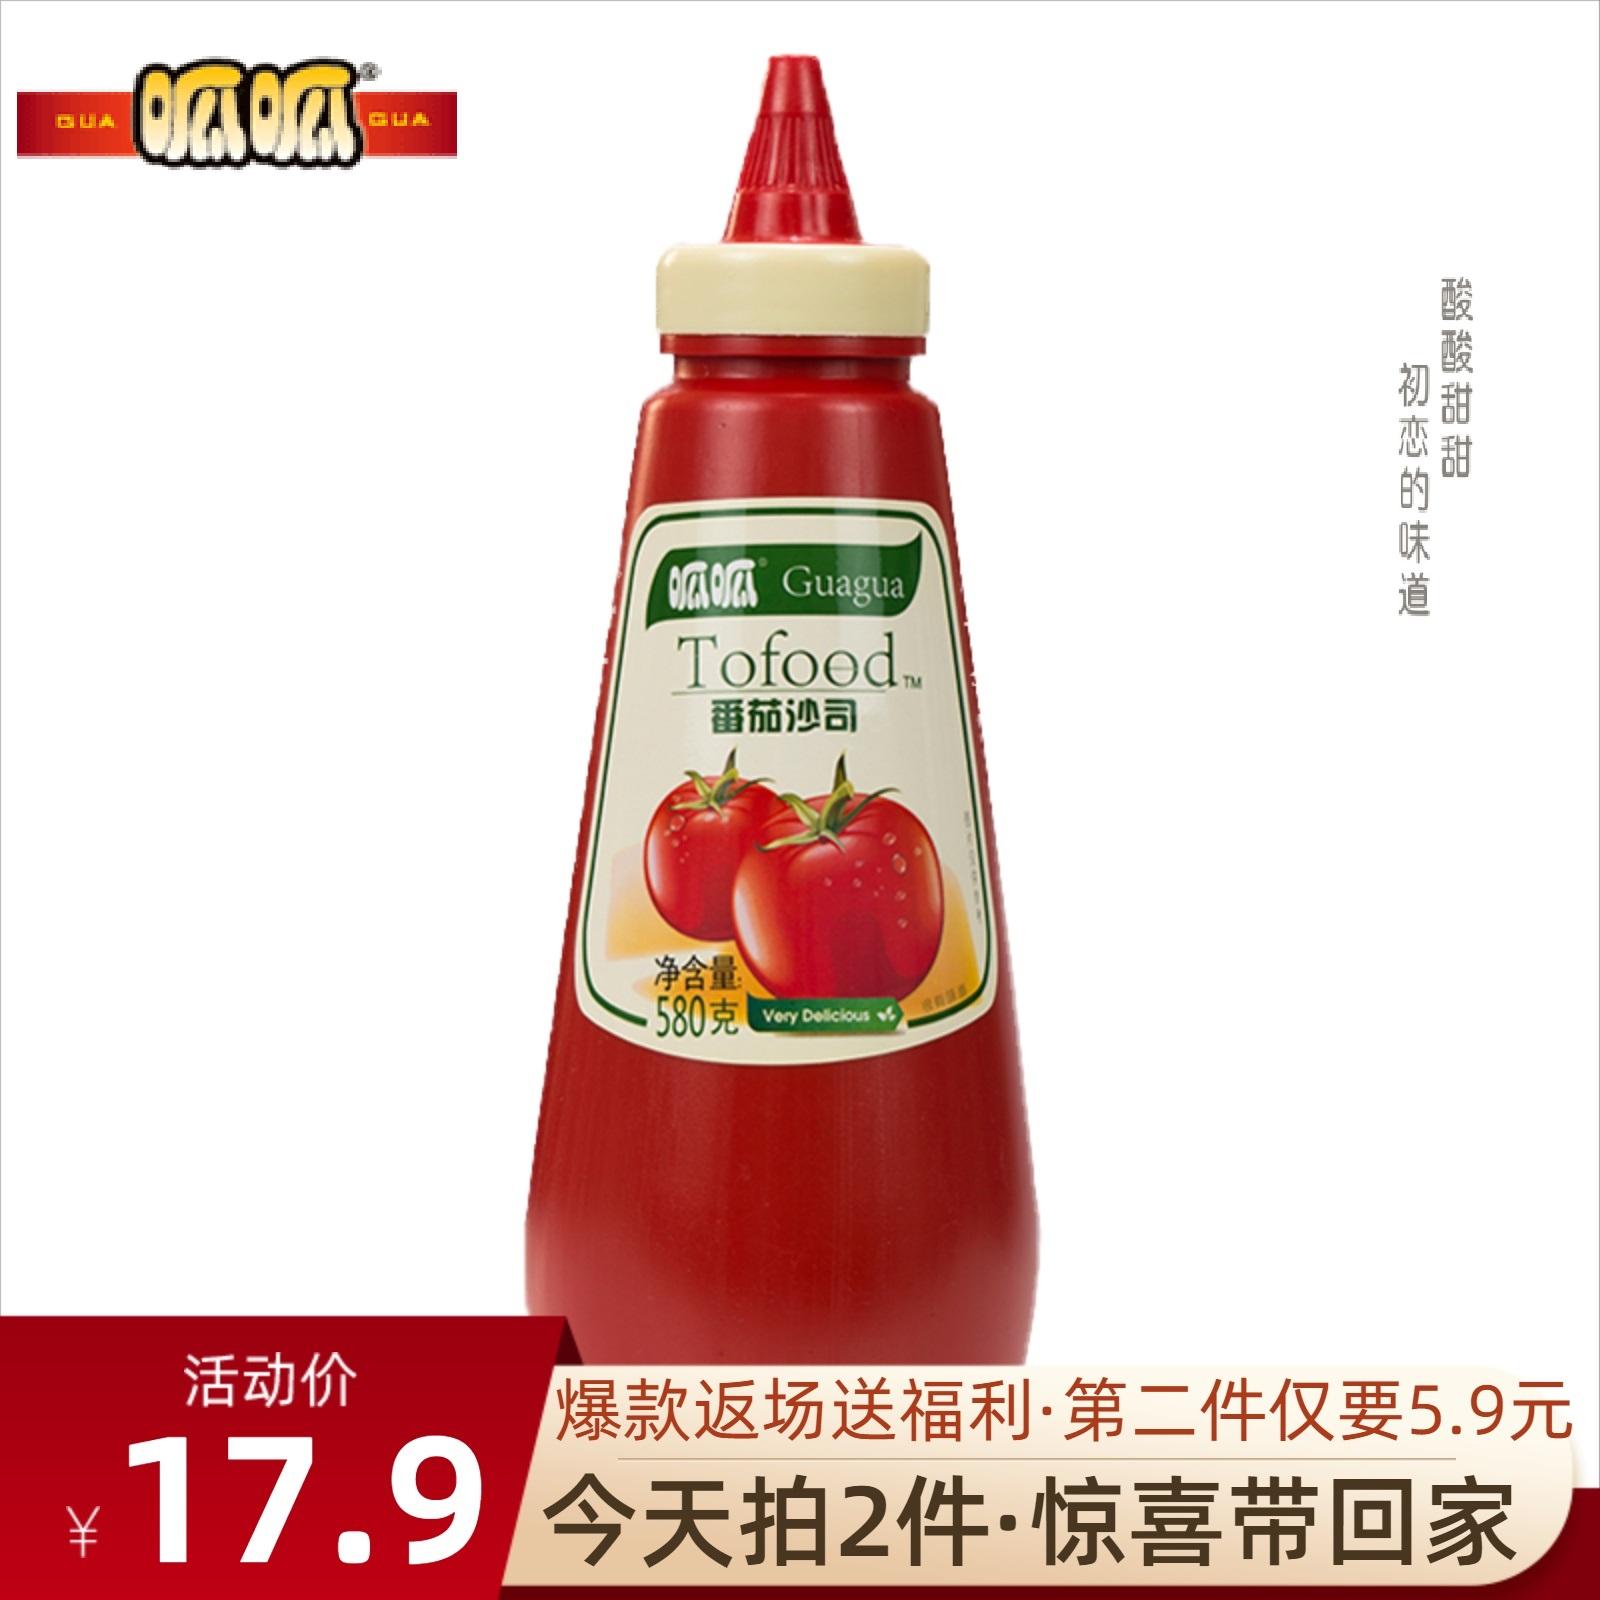 呱呱580g番茄酱薯条蕃茄酱挤压瓶